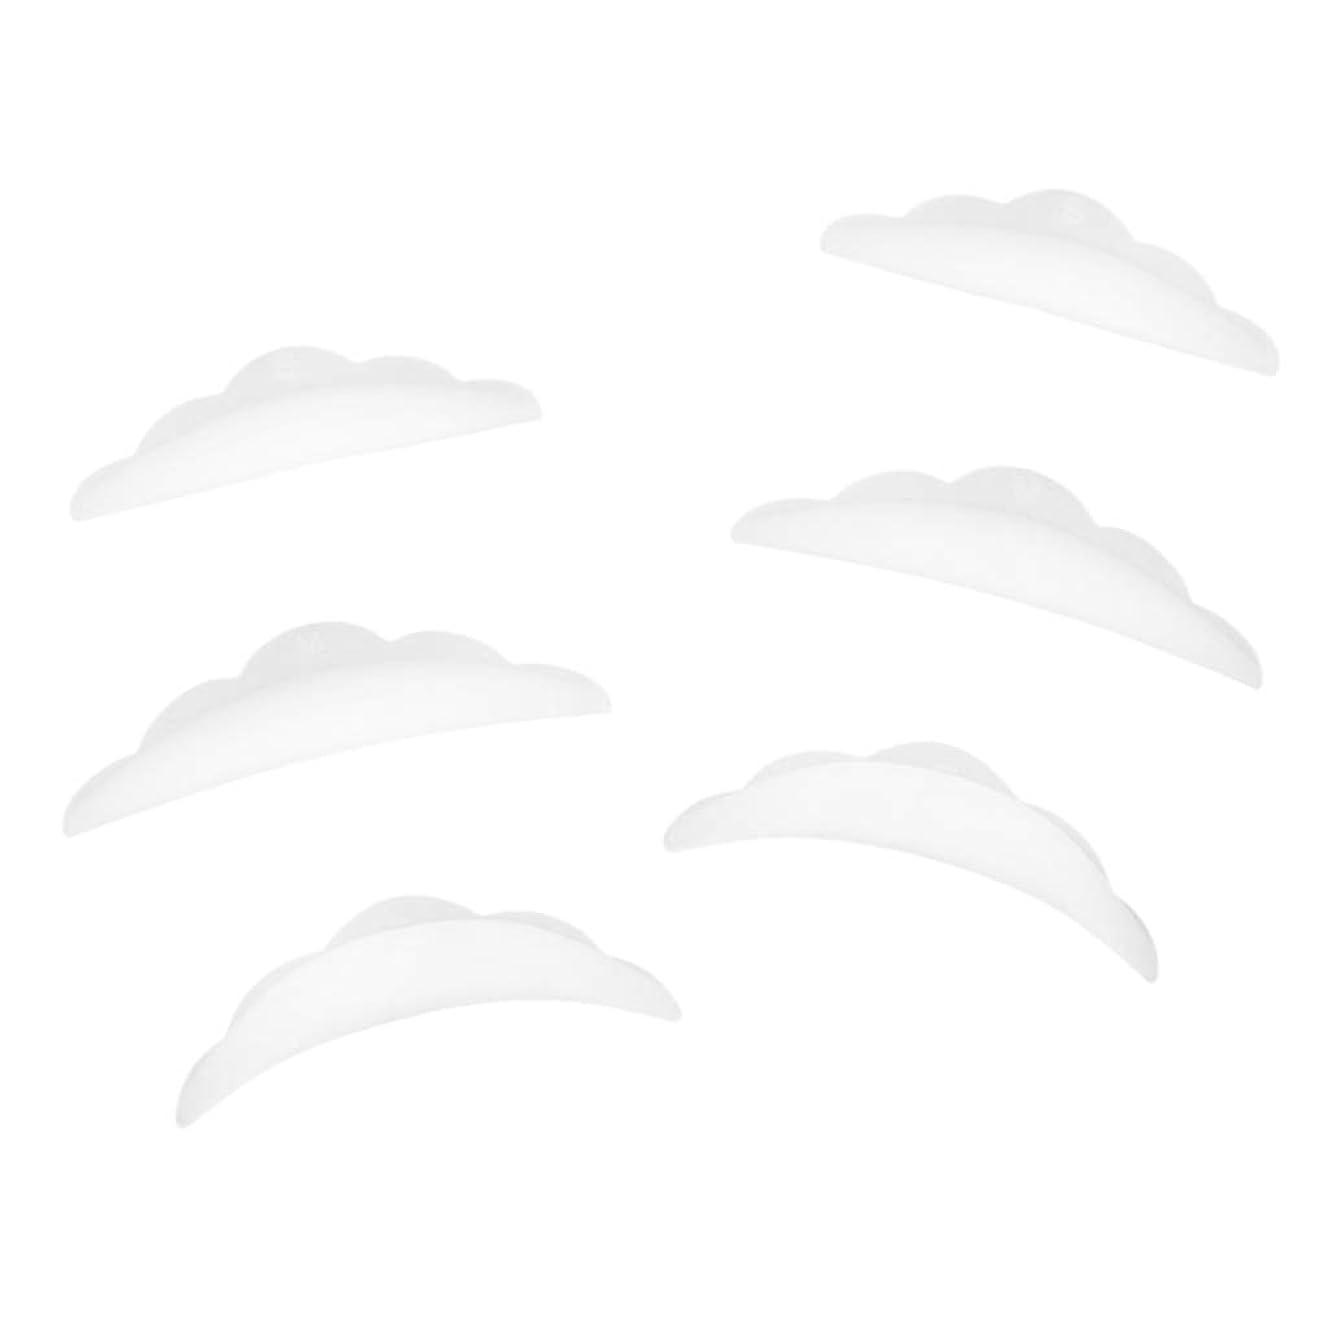 迅速ジョージハンブリー学部3ペア ラッシュリフトパーマ カーラーパッド 再利用可 柔らかい シリコン 快適